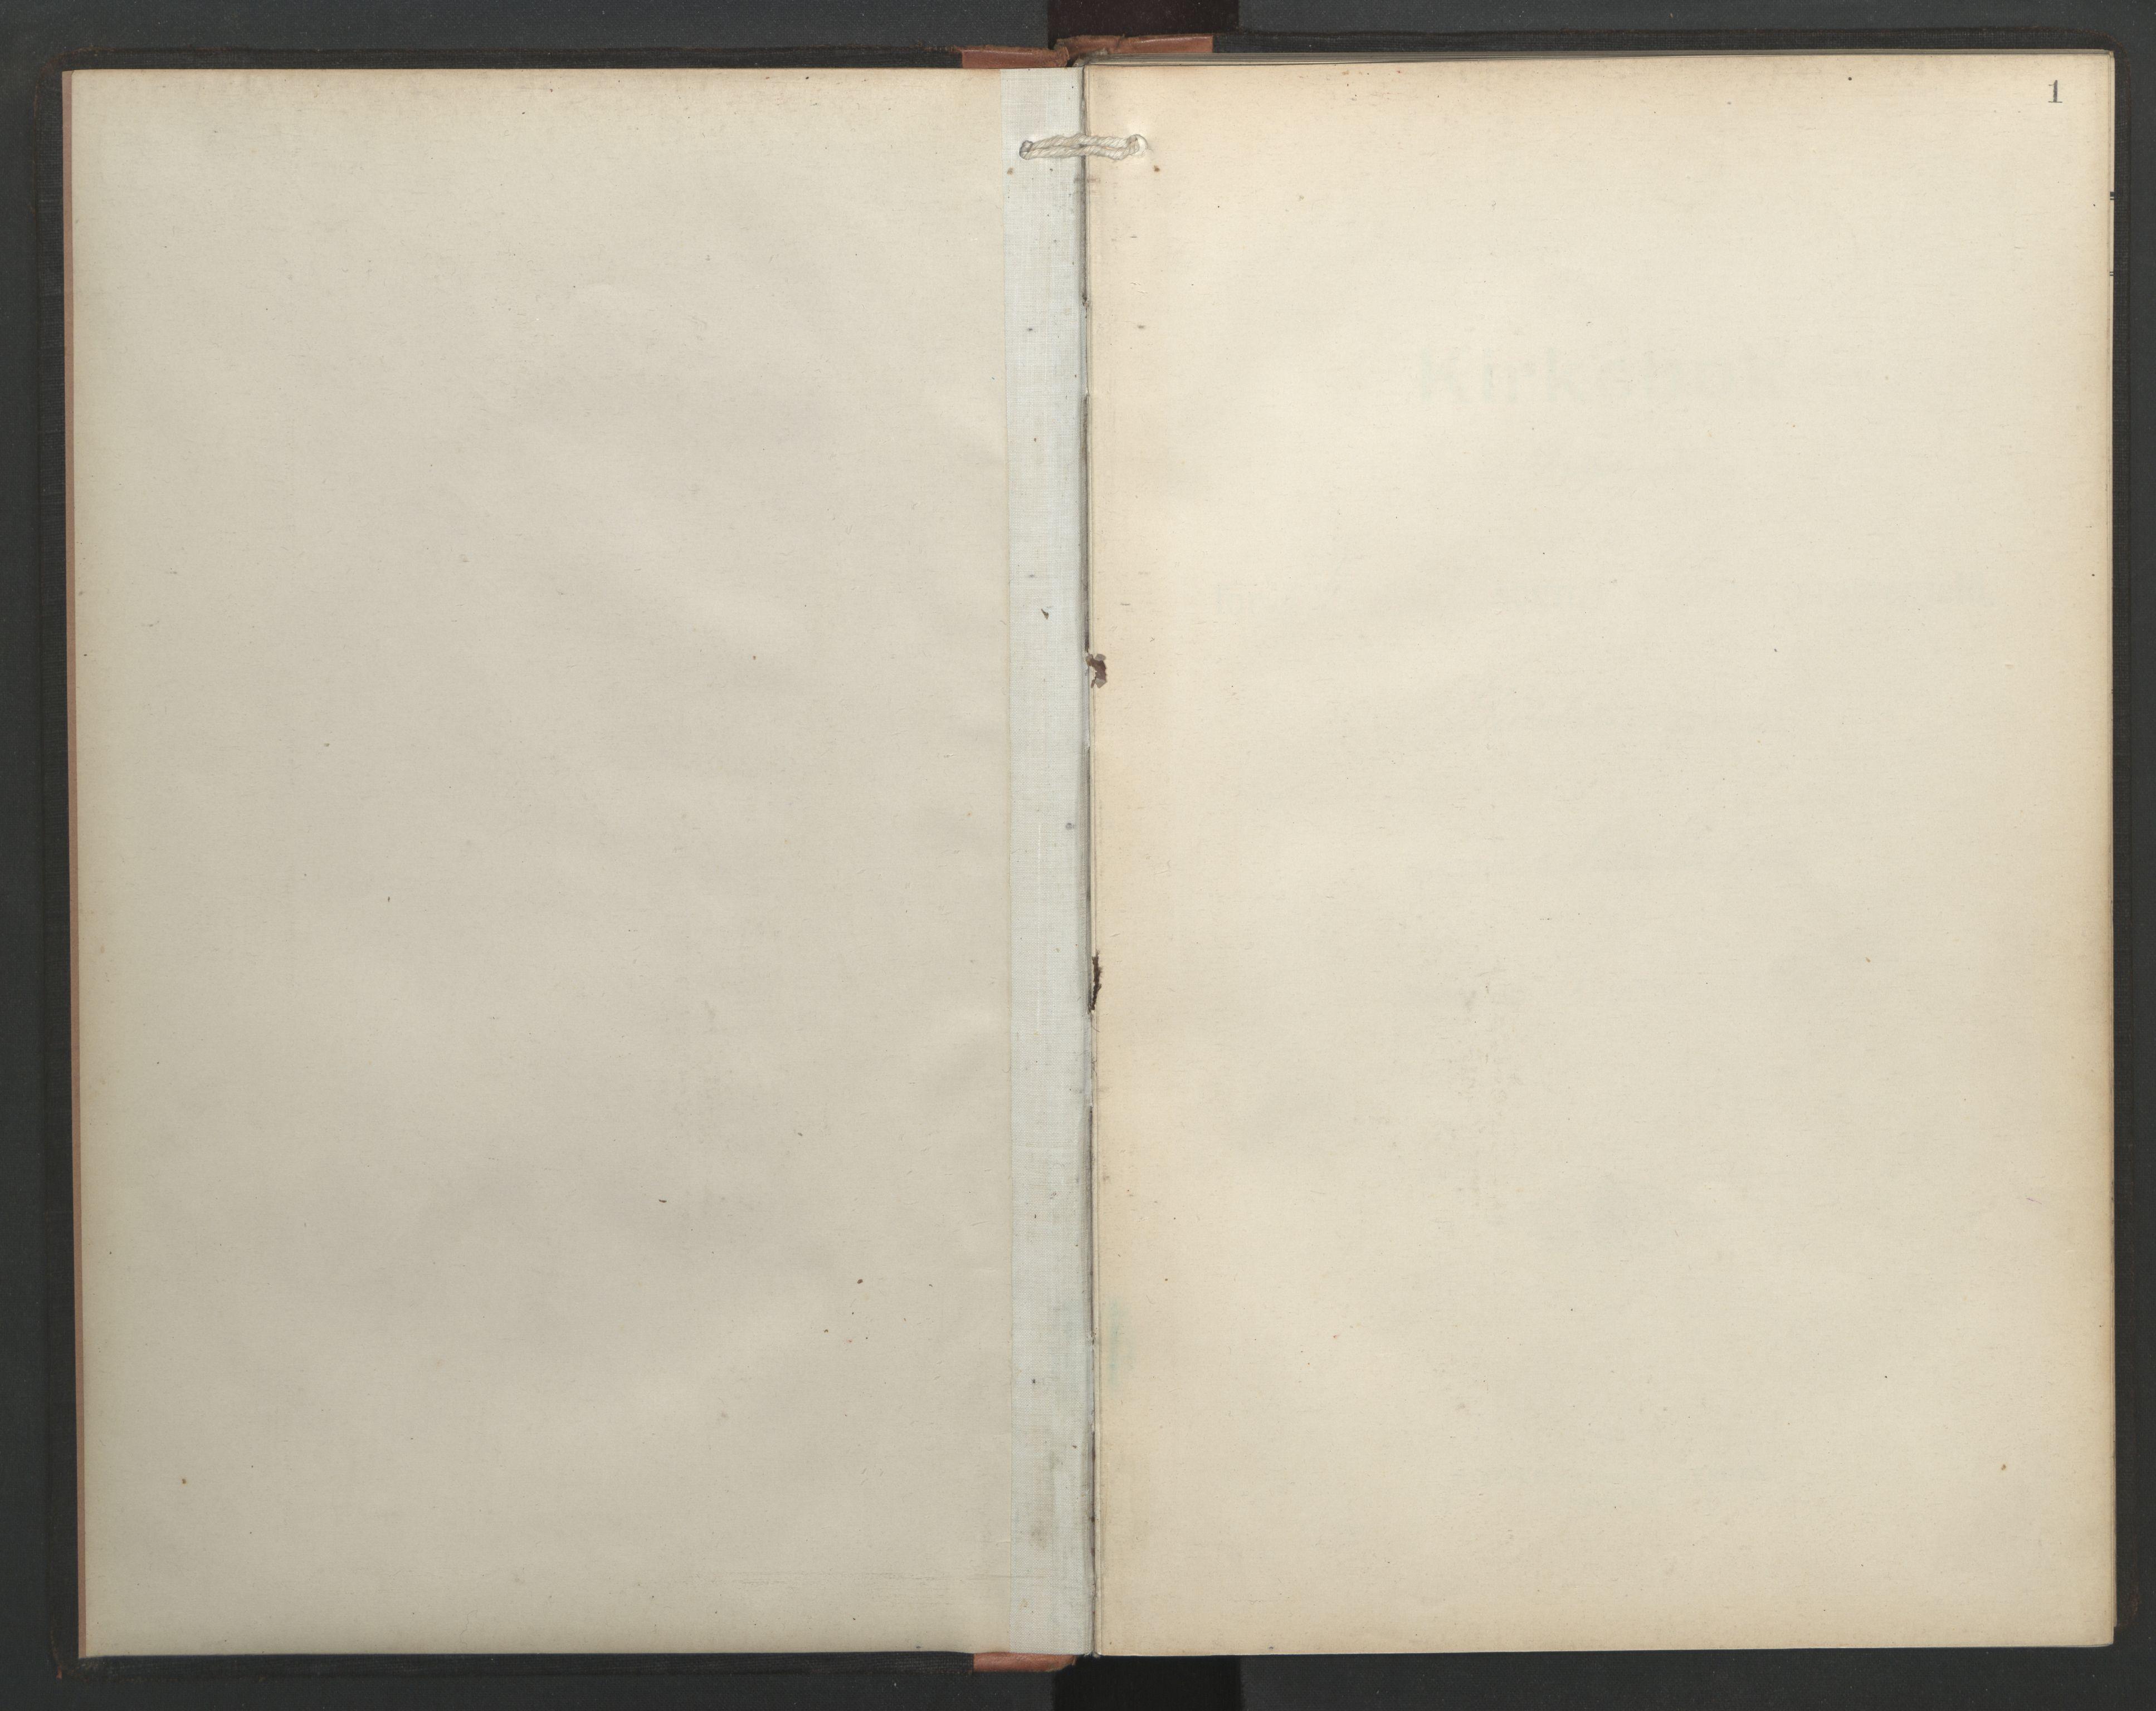 SAT, Ministerialprotokoller, klokkerbøker og fødselsregistre - Sør-Trøndelag, 687/L1006: Dagregister nr. 687A12, 1912-1931, s. 1